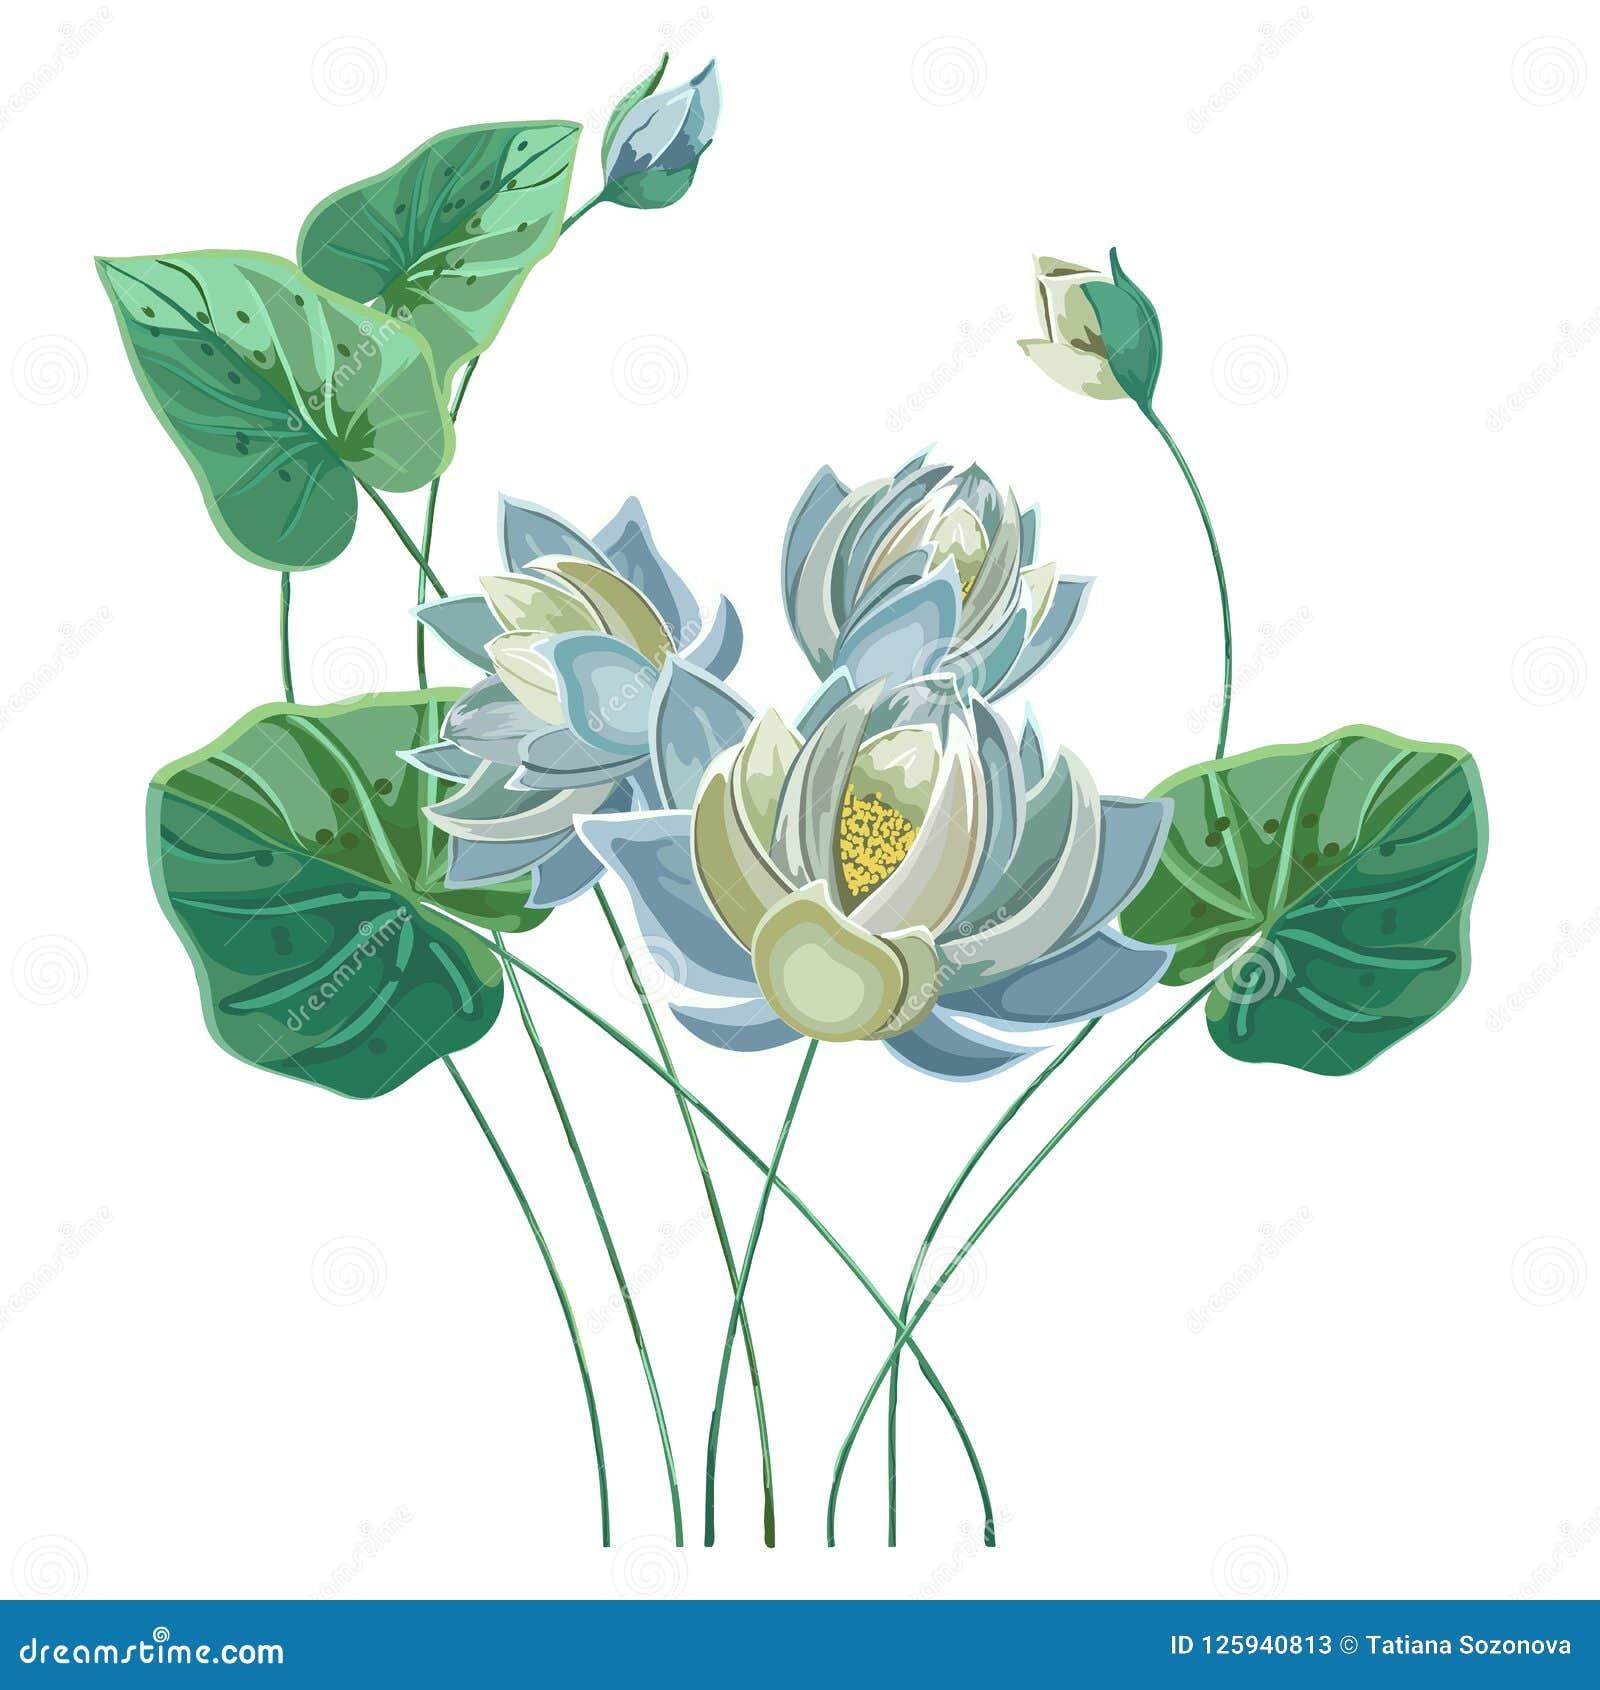 Composición De La Flor De Loto Azul Con Las Hojas Verdes Ilustración